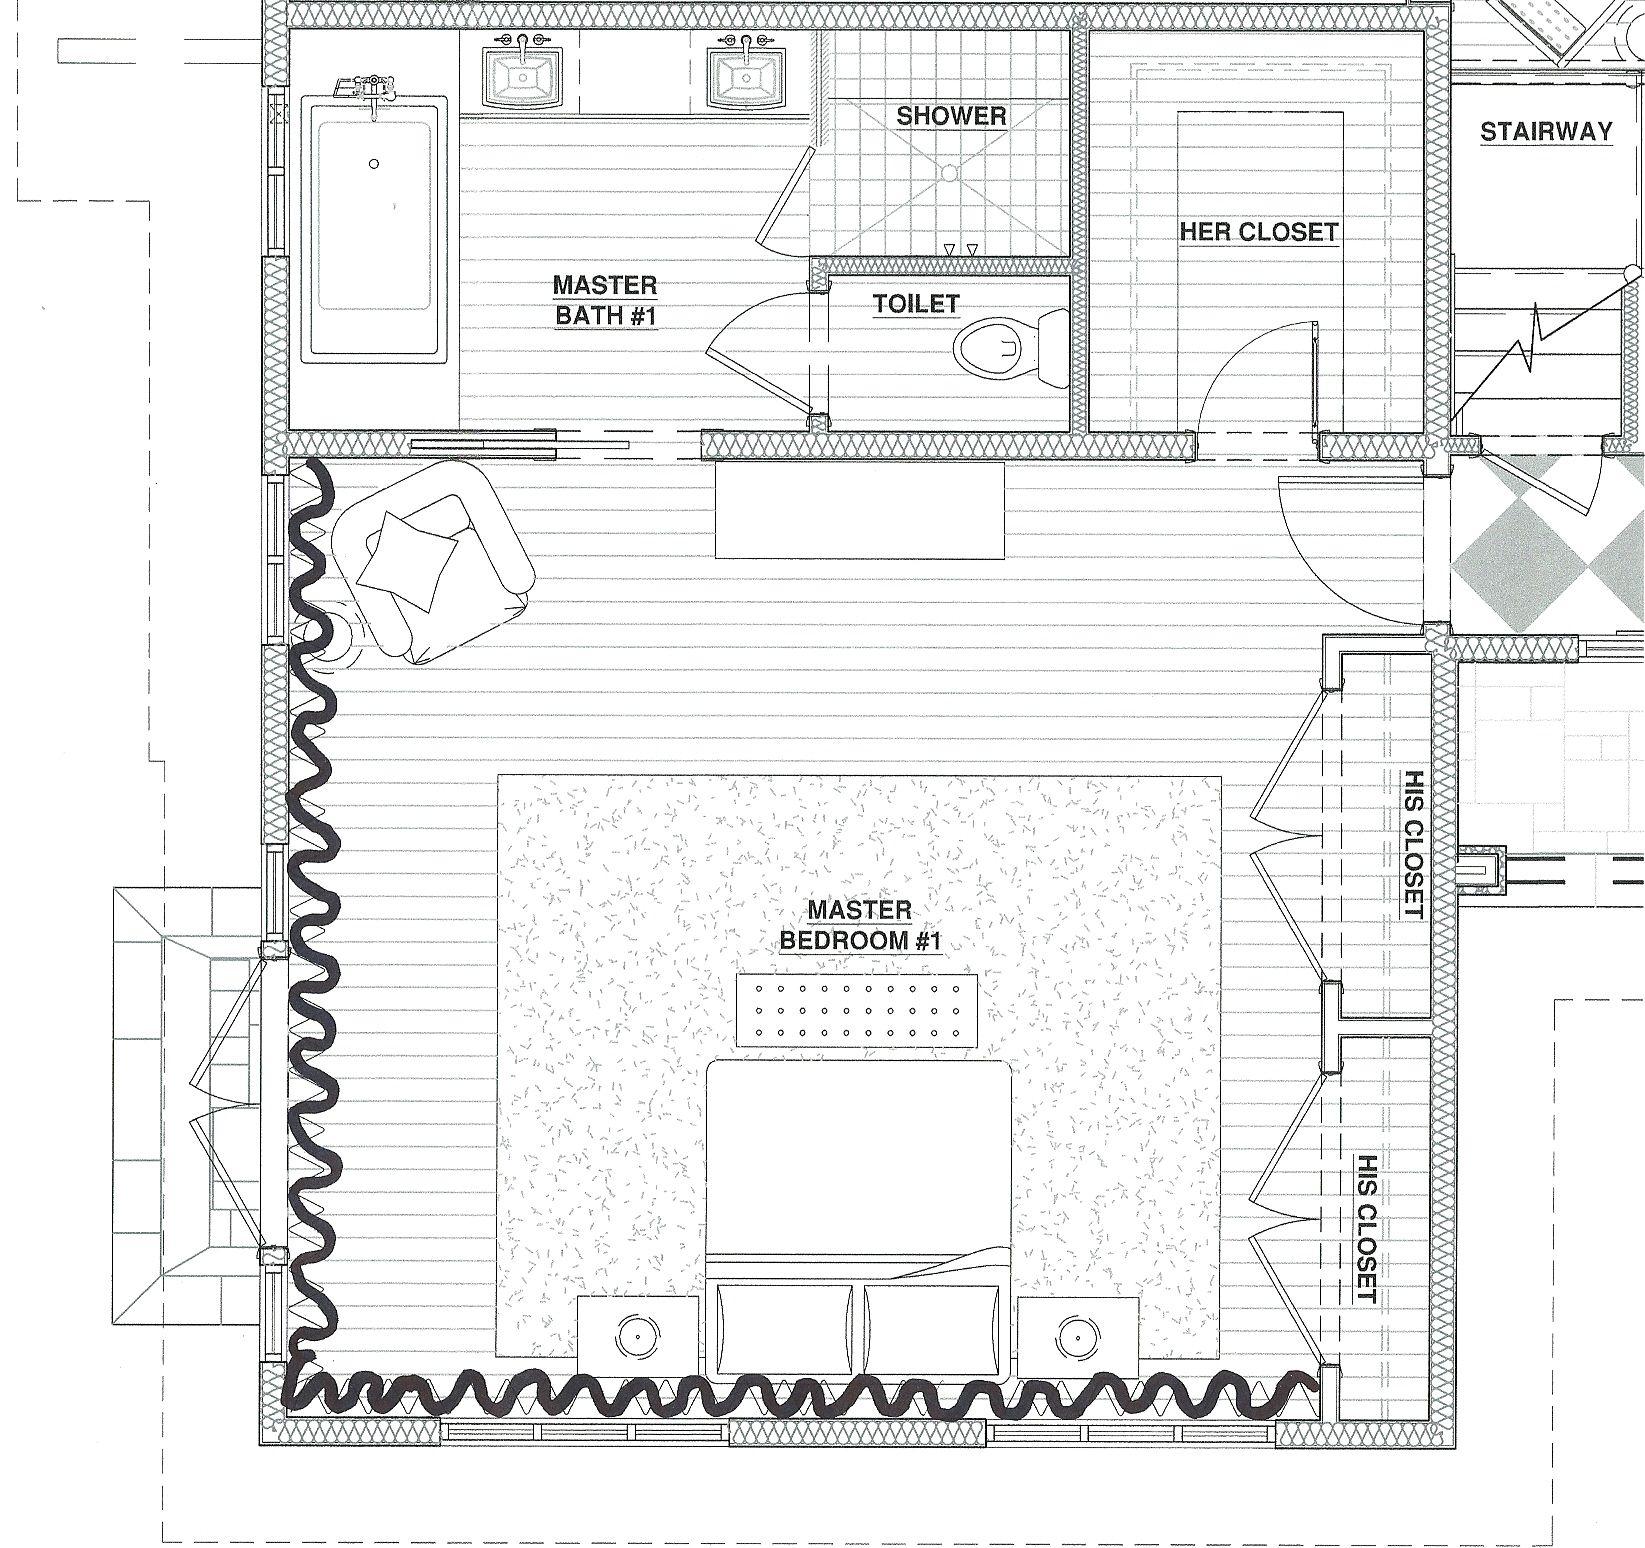 Master bedroom floor plans picture gallery of the master bedroom floor plan ideas